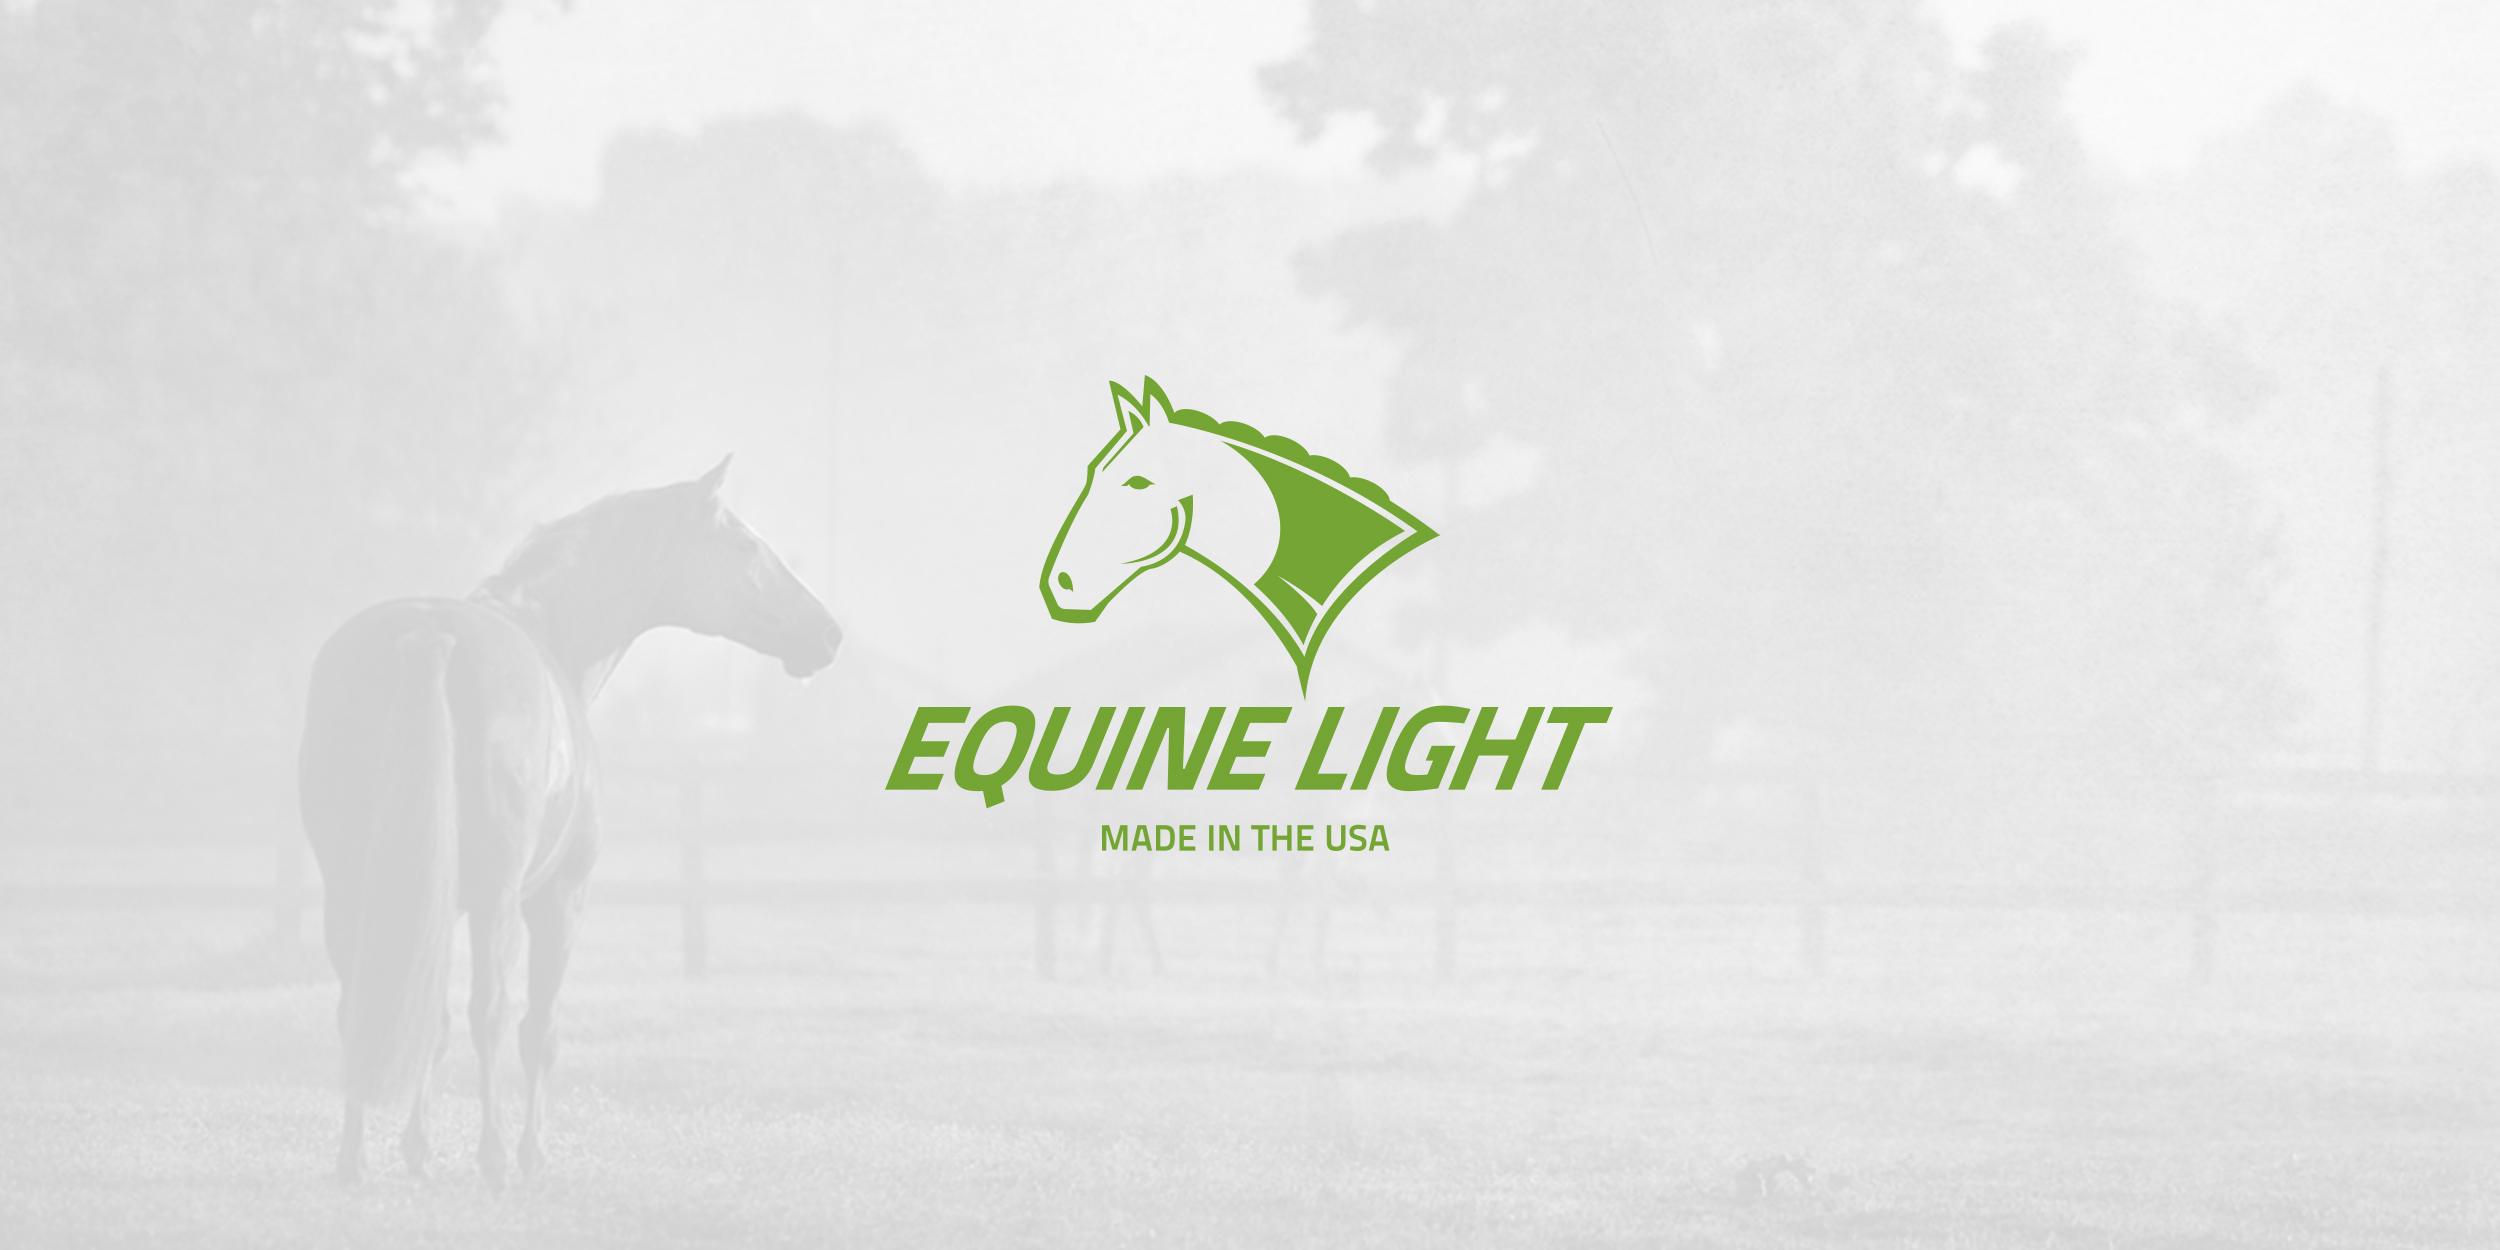 equine_light_logo.jpg